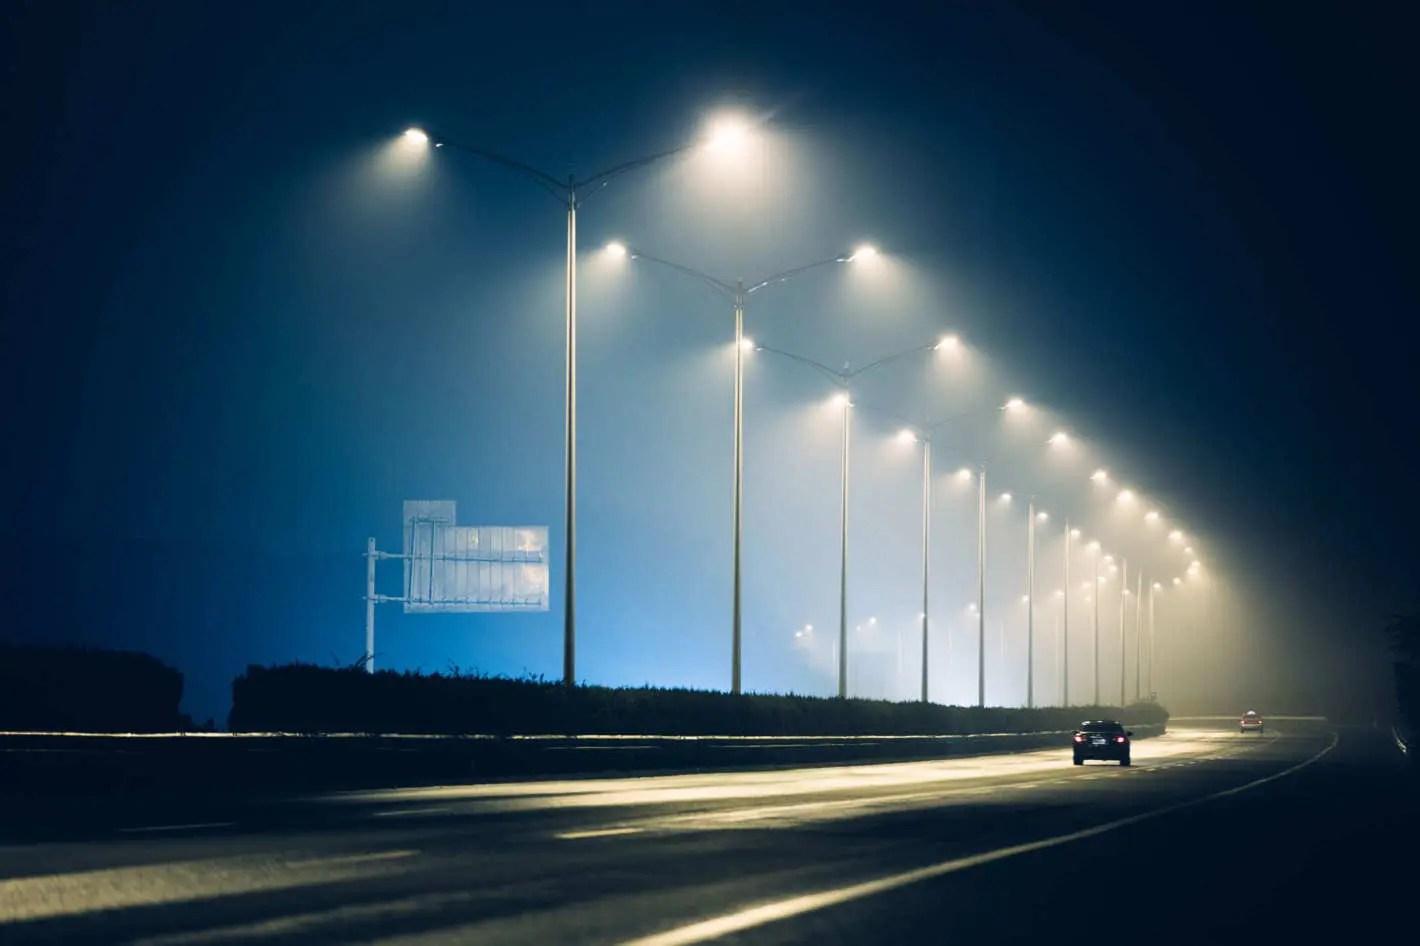 スマート街路灯からの収益は2026年までに17億ドルに達し、年間31%急増